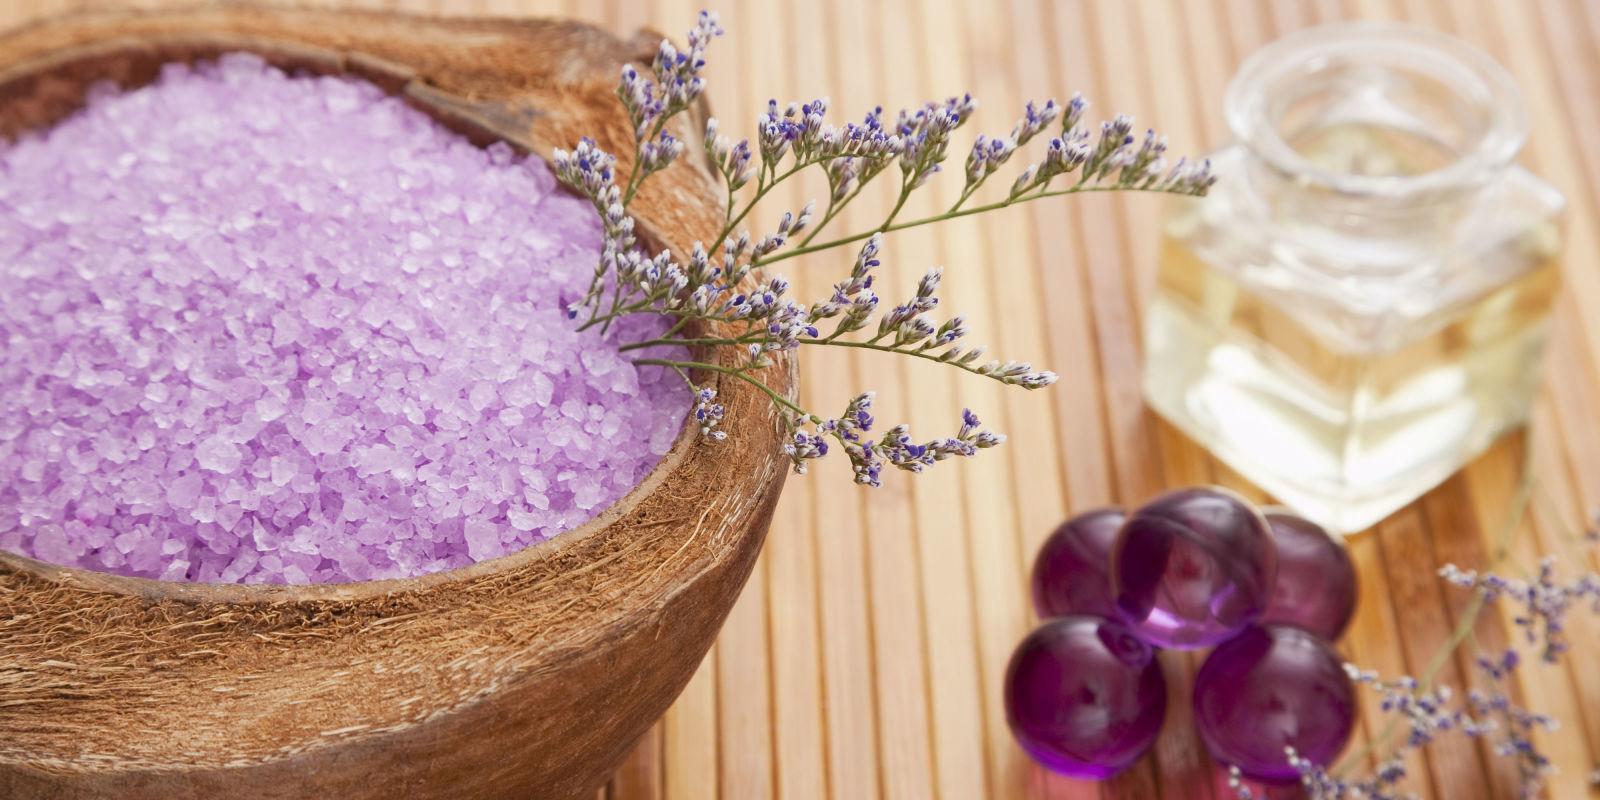 La ricetta fai da te per fare in casa i sali da bagno frizzanti - Sali da bagno profumati ...